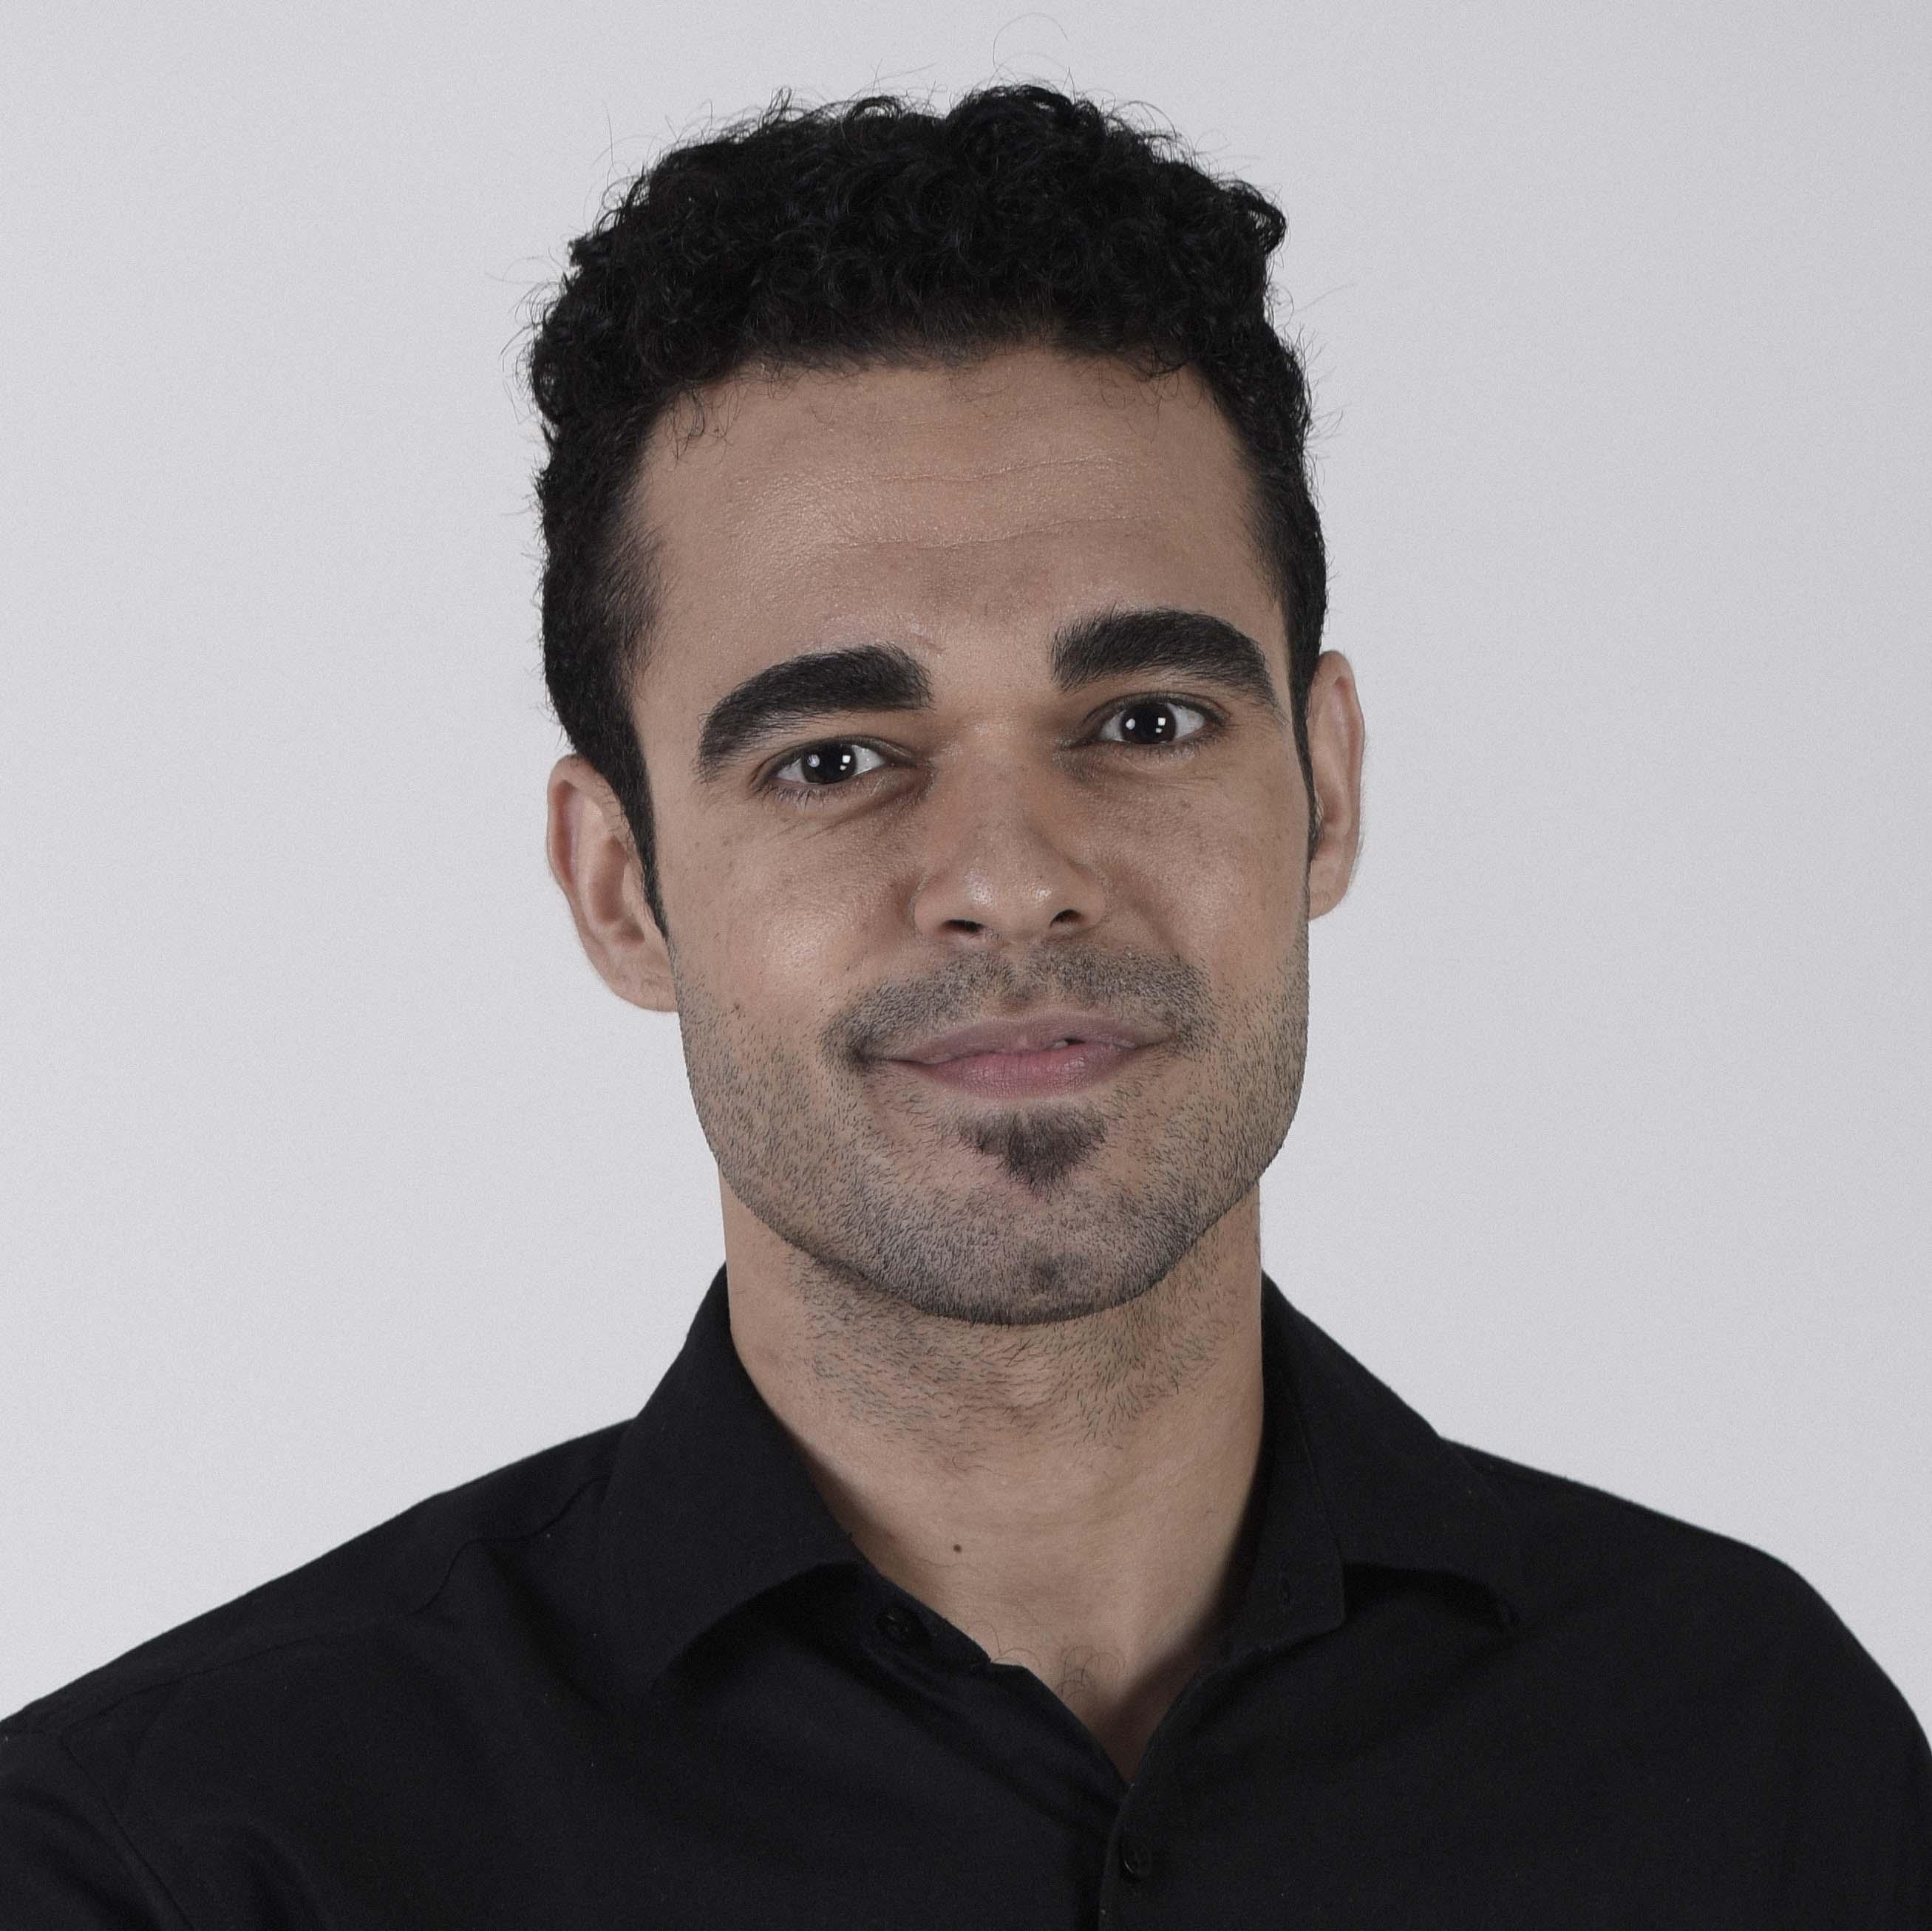 نبيل القفقاهي - يعمل في مؤسسة غير حكومية